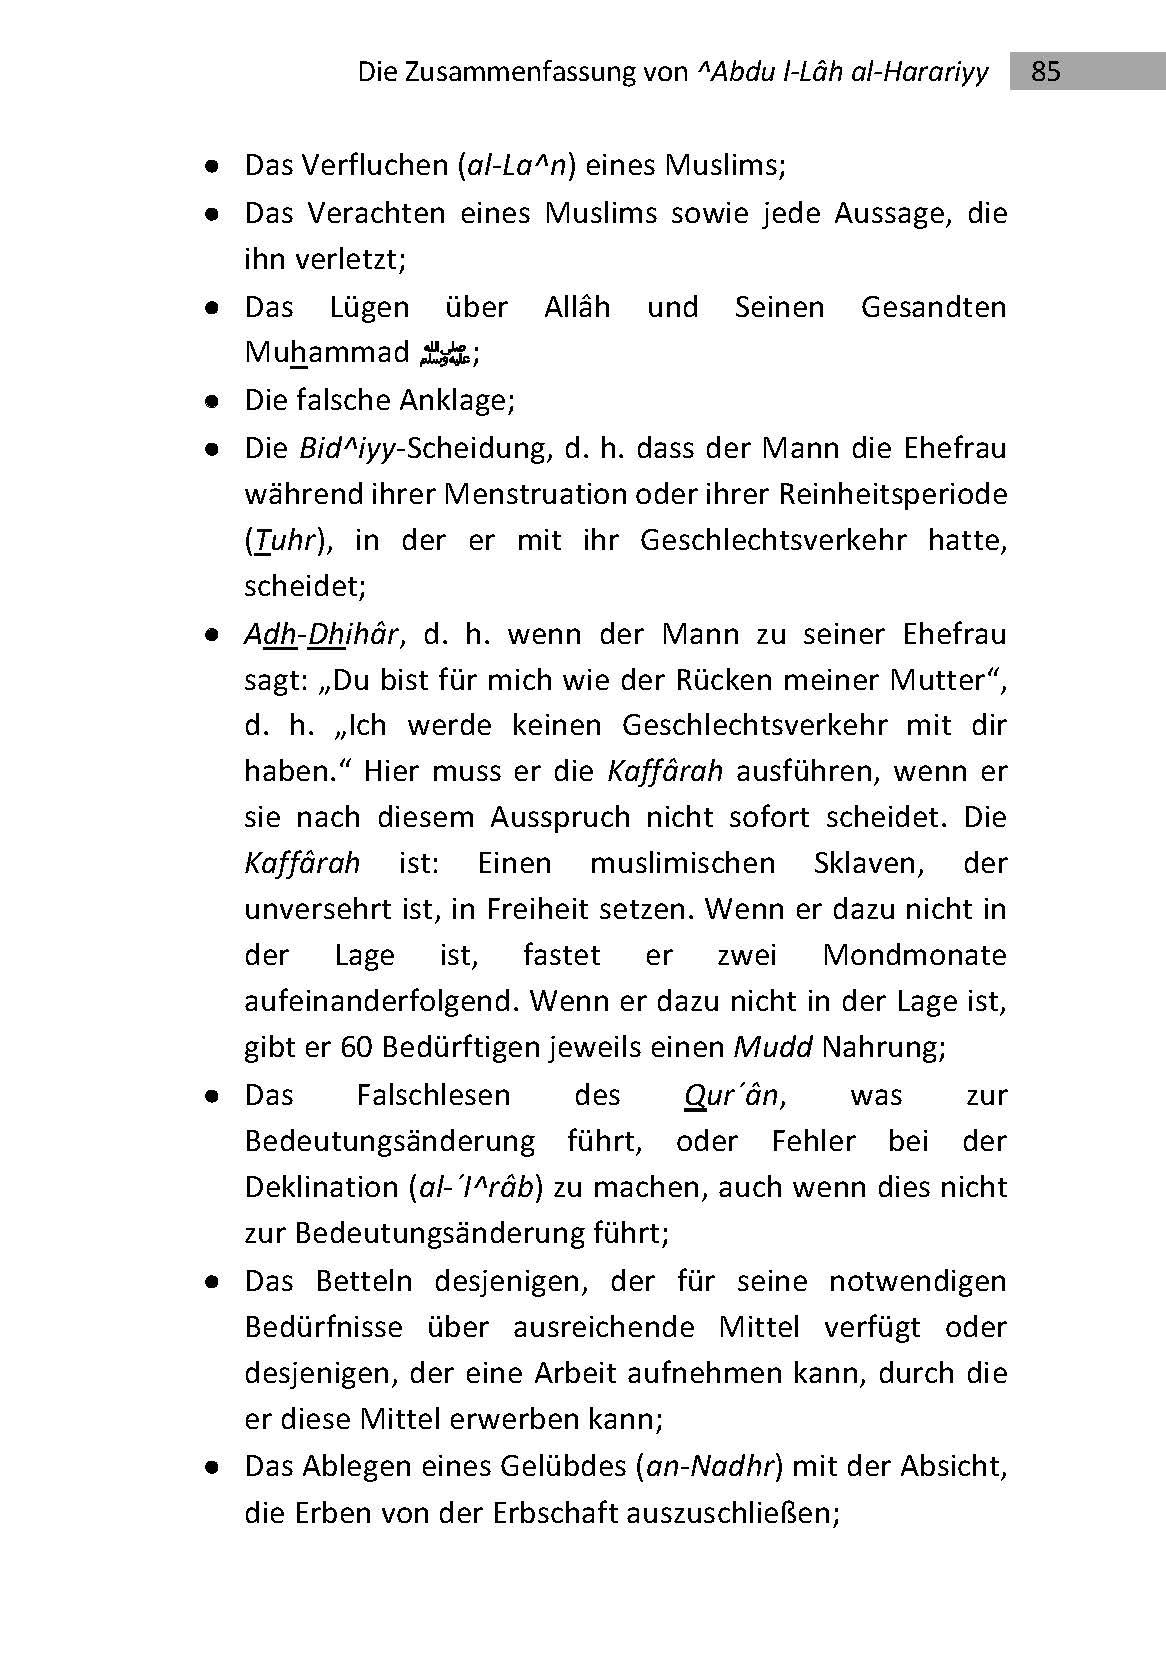 Die Zusammenfassung - 3. Auflage 2014_Seite_85